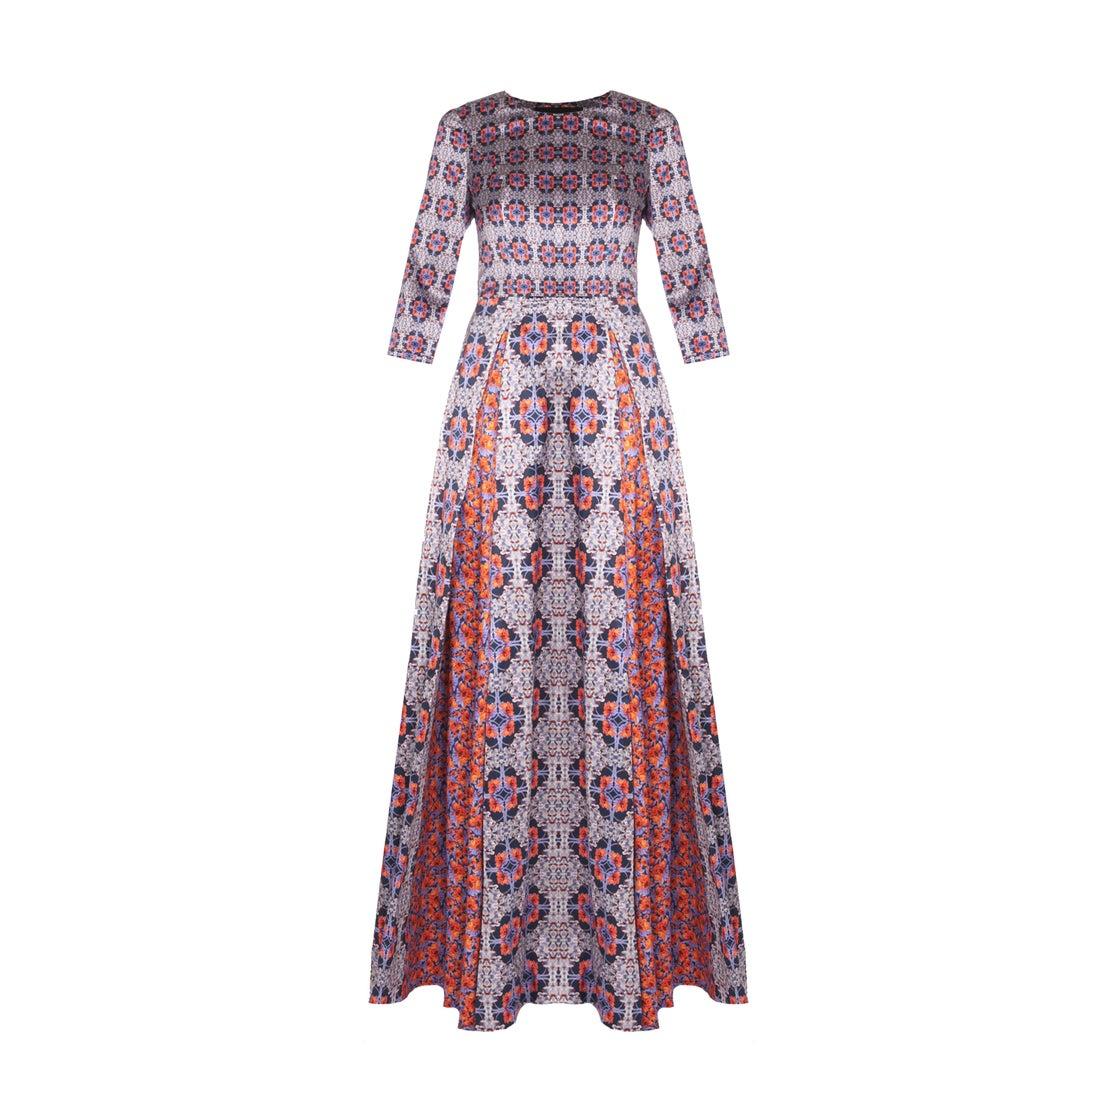 Image of LONG BONTON DRESS| Anemone